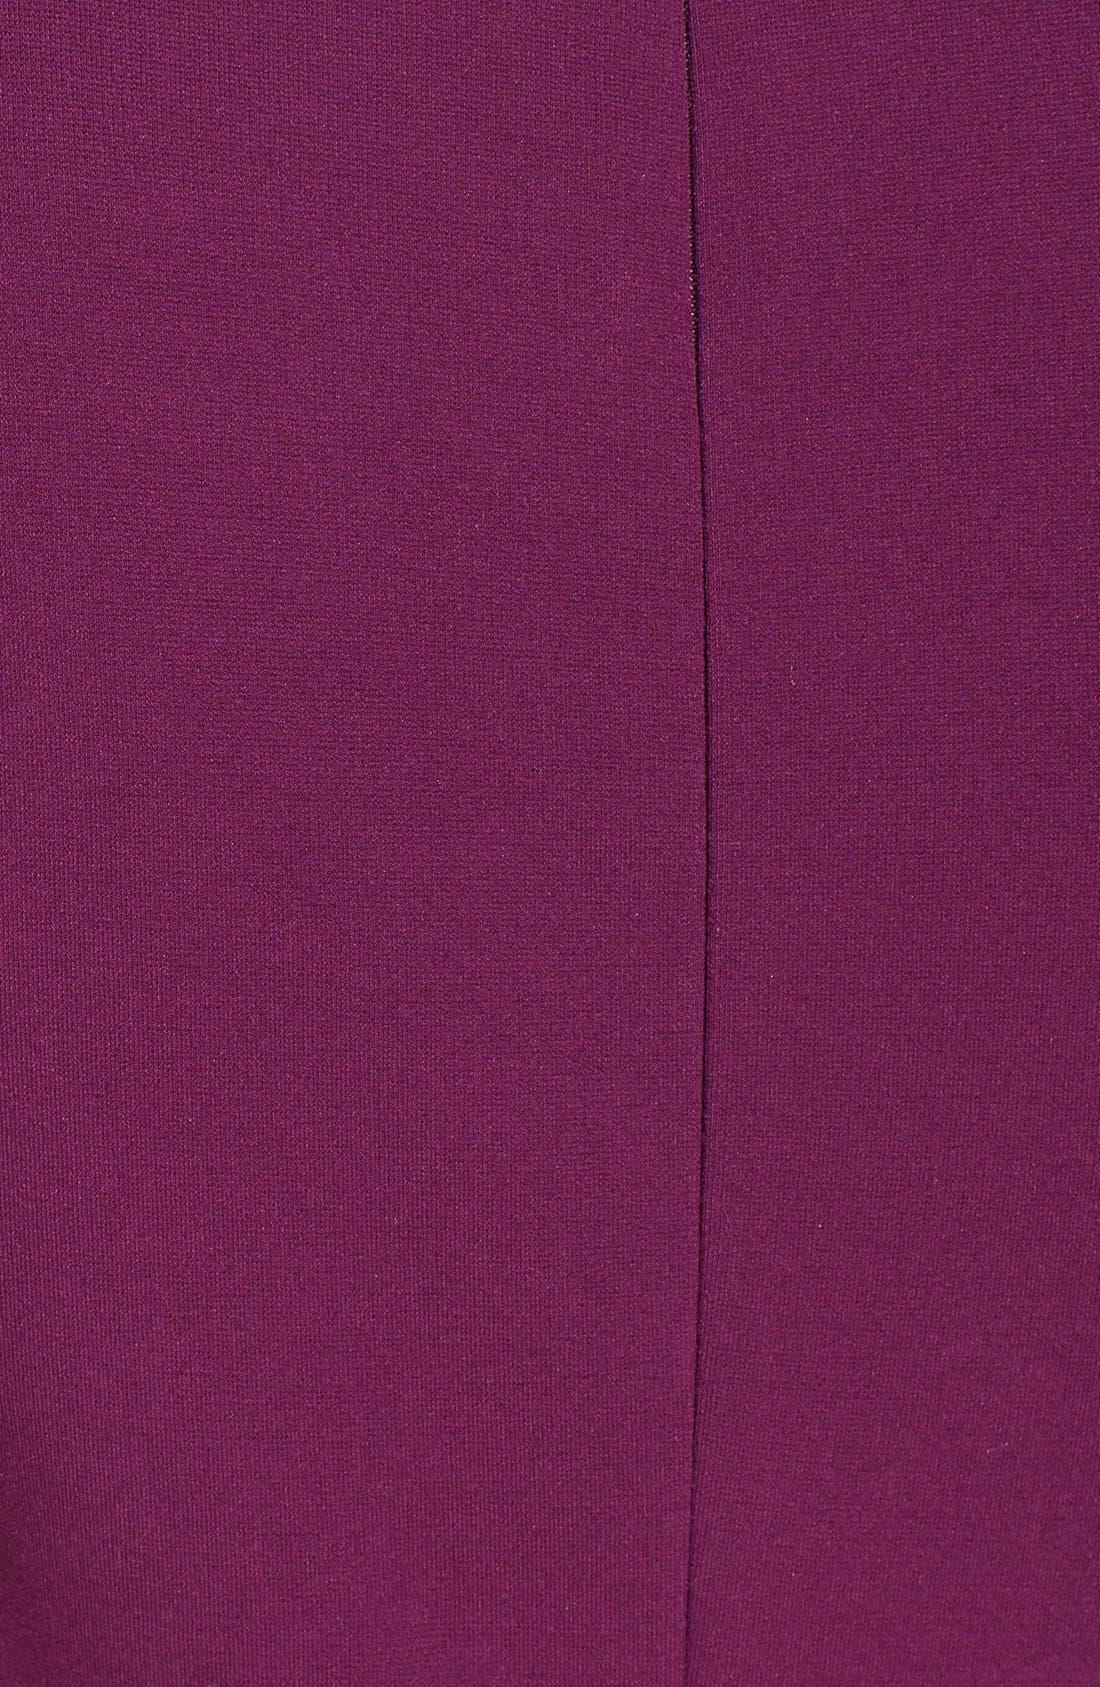 Alternate Image 3  - Diane von Furstenberg 'Jaelyn' Ponte Sheath Dress